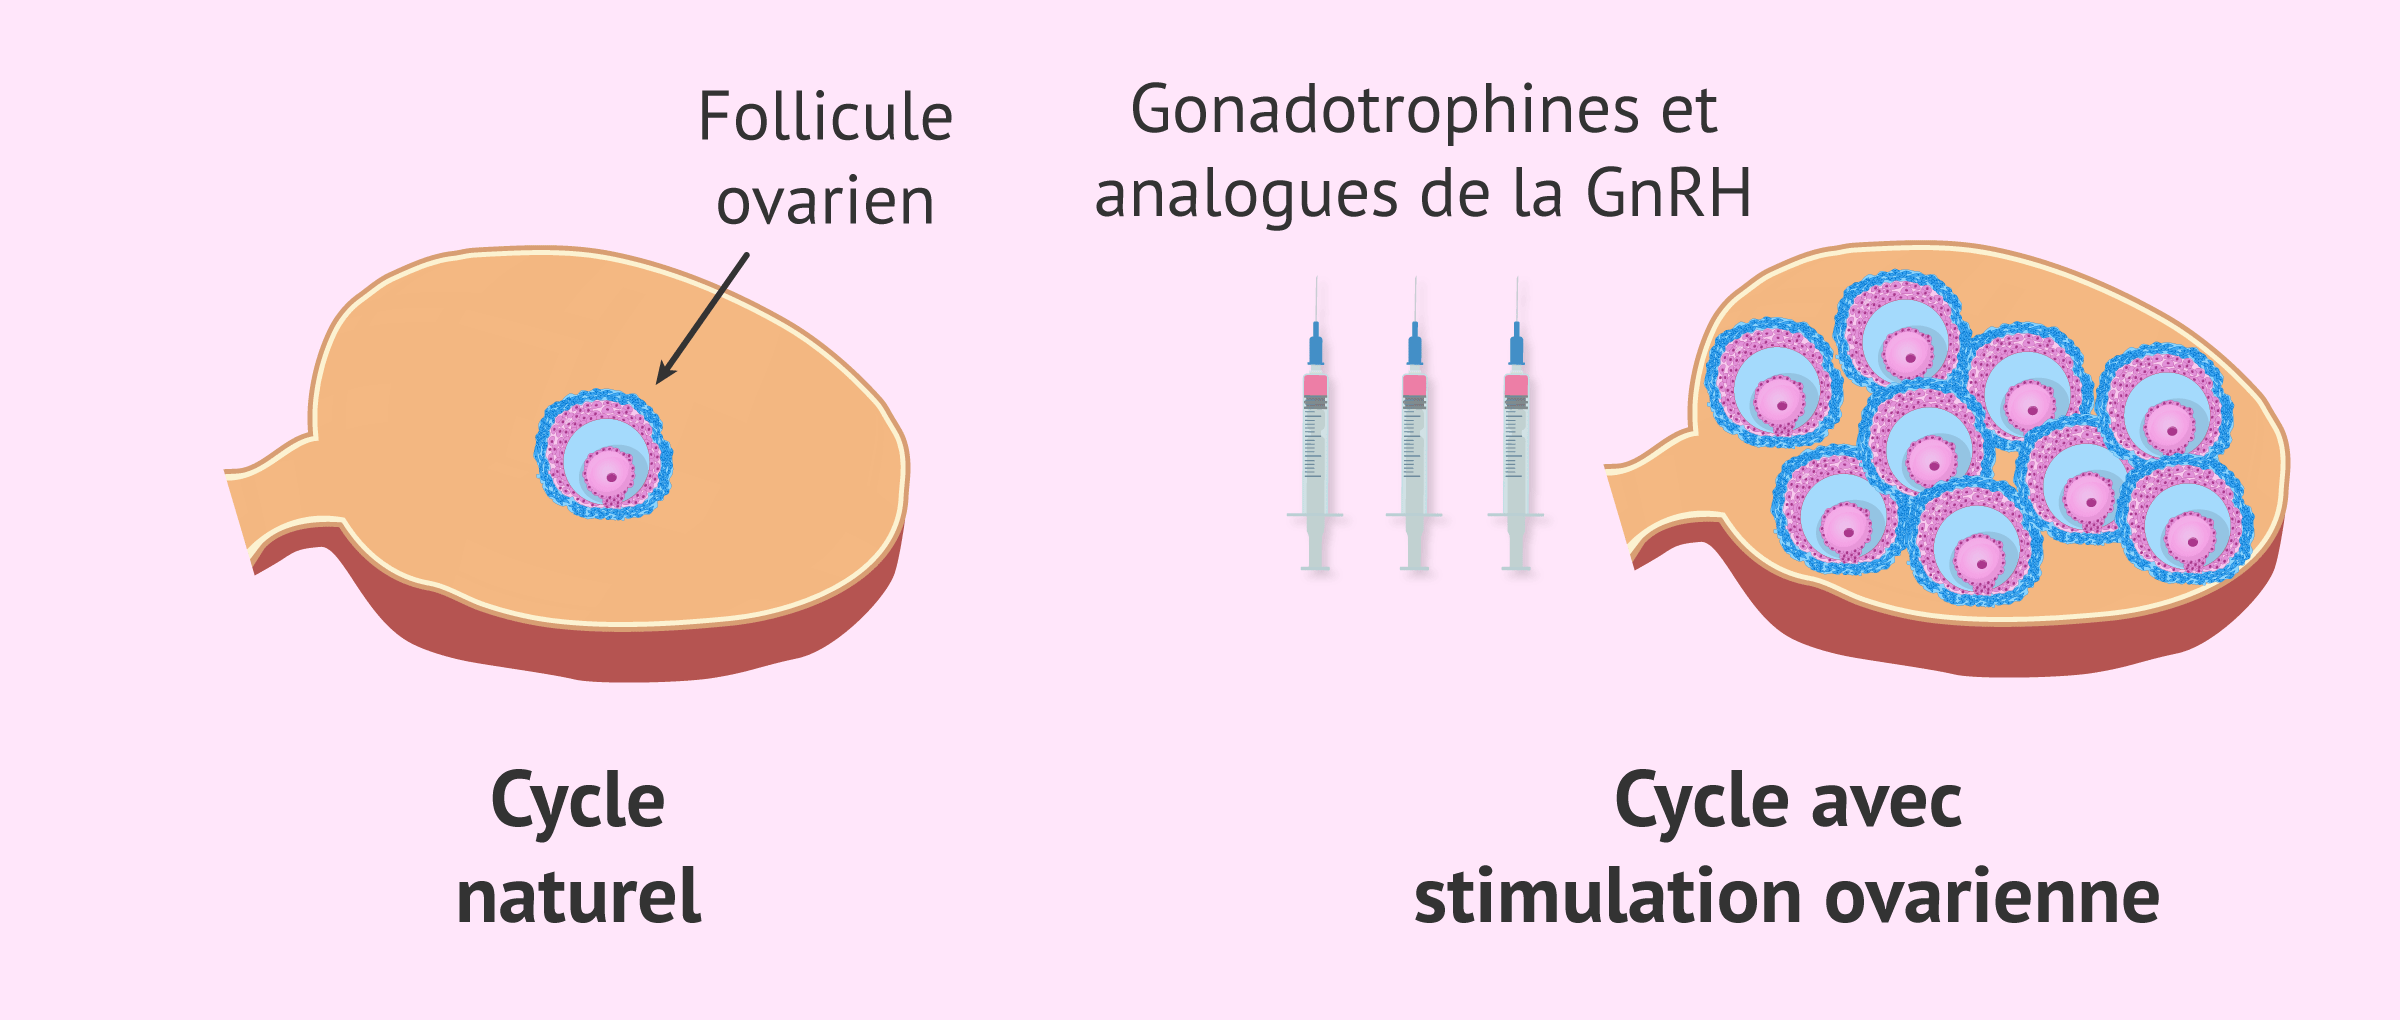 Cycle naturel et cycle avec stimulation ovarienne contrôlée